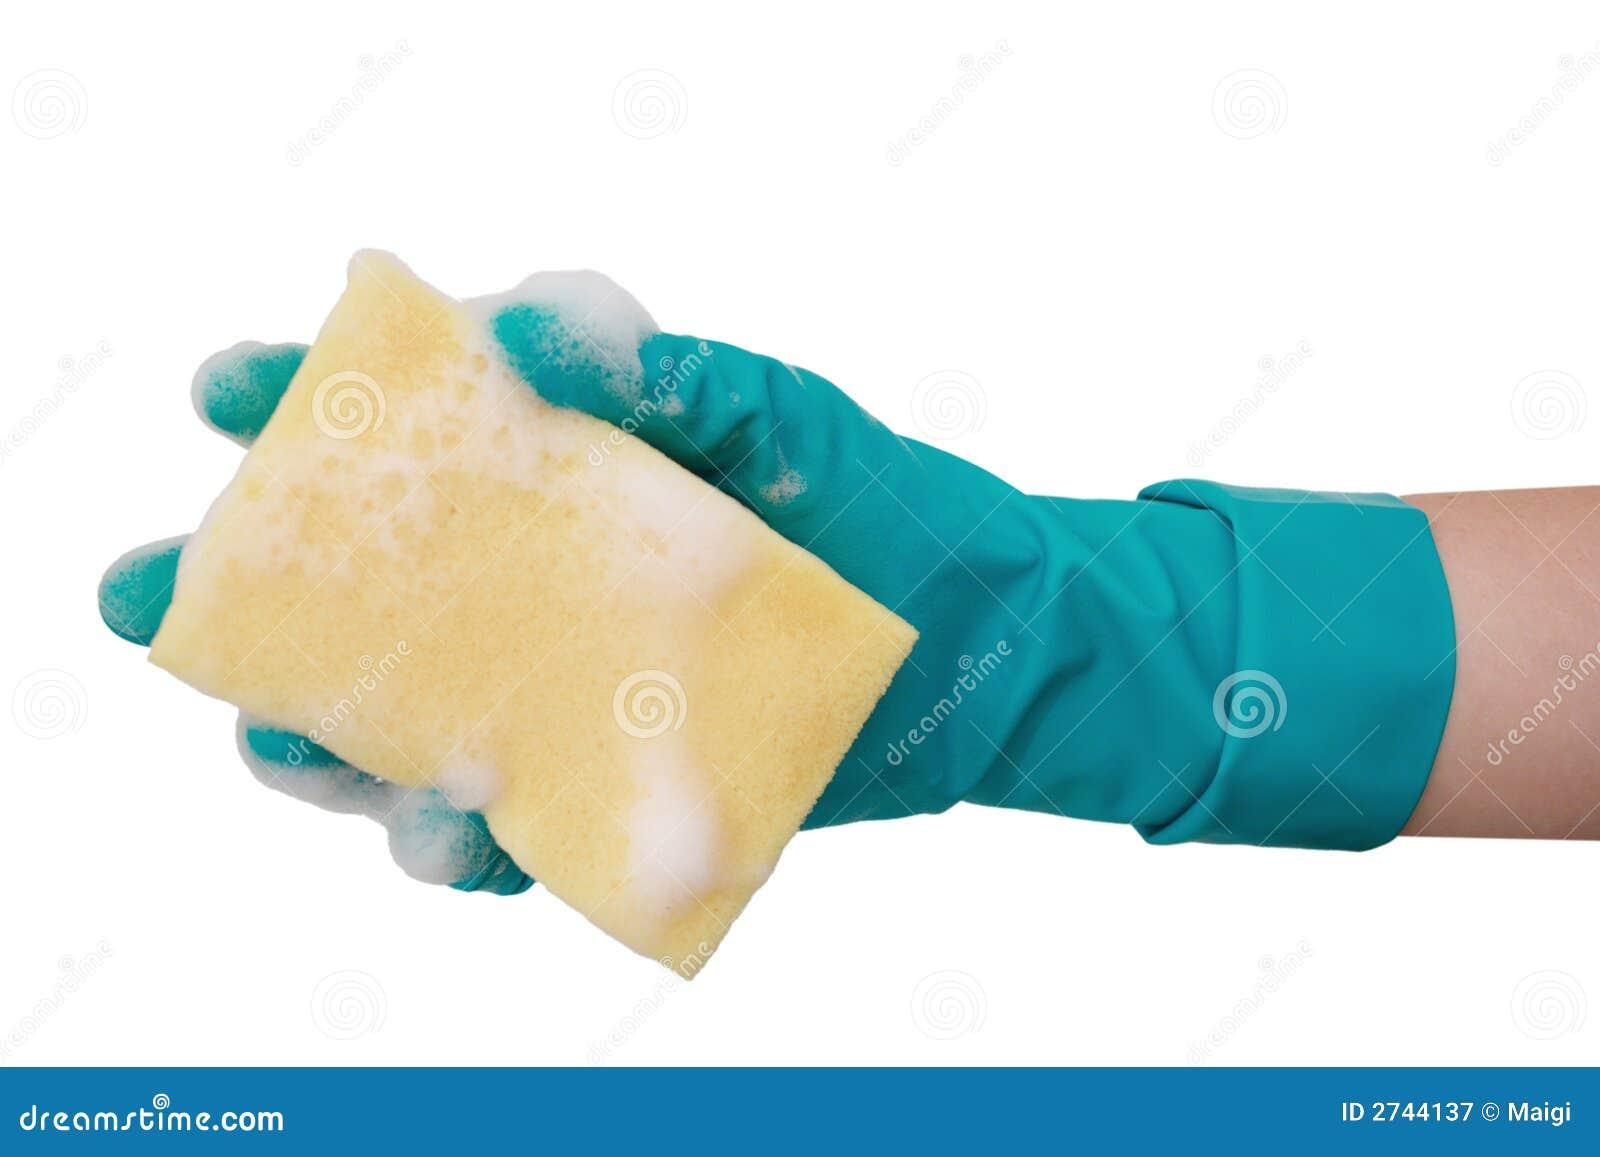 Foamy cleaning sponge